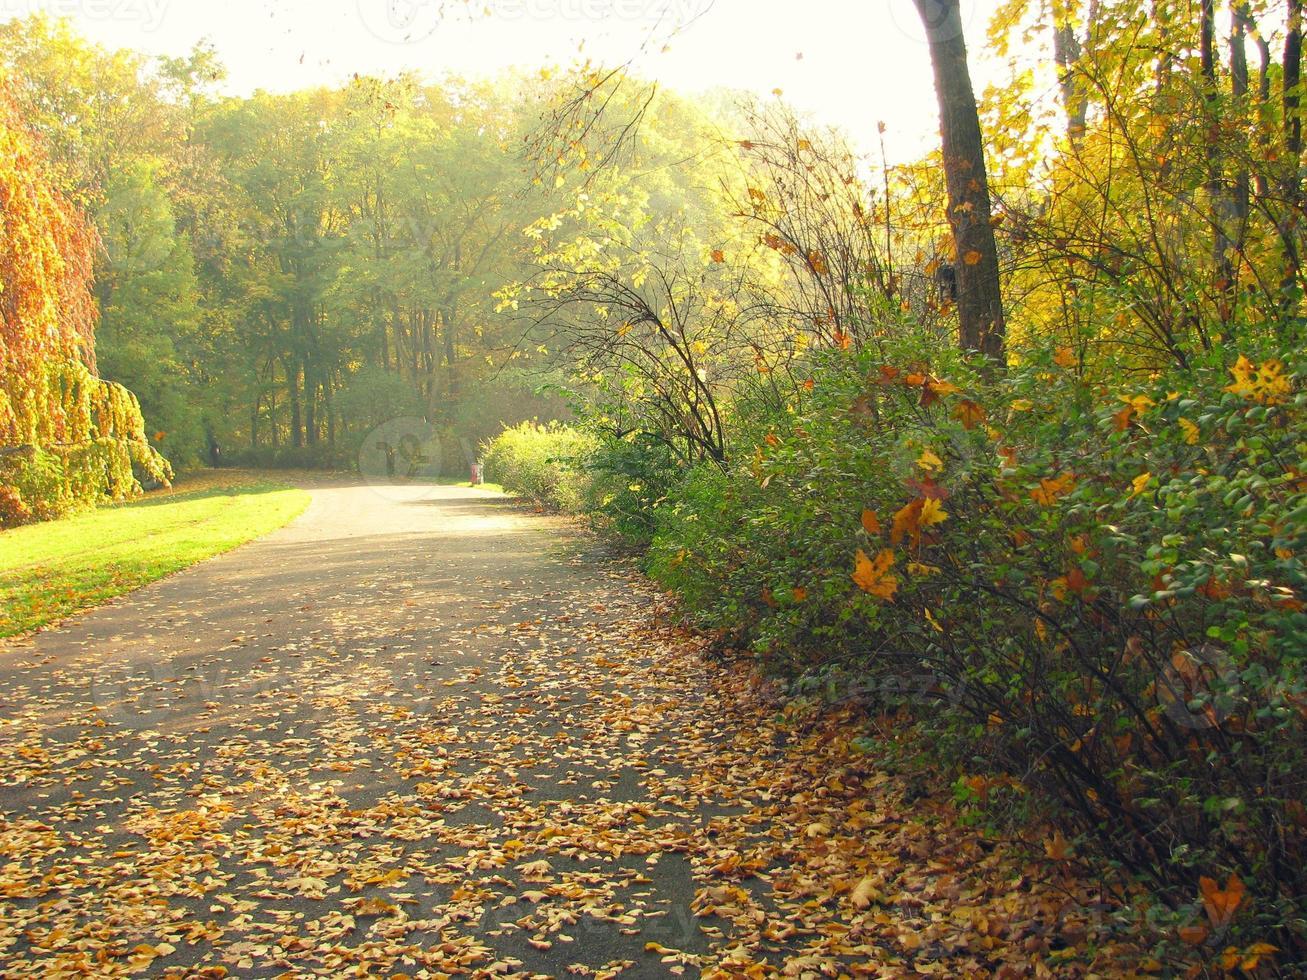 caduta delle foglie foto